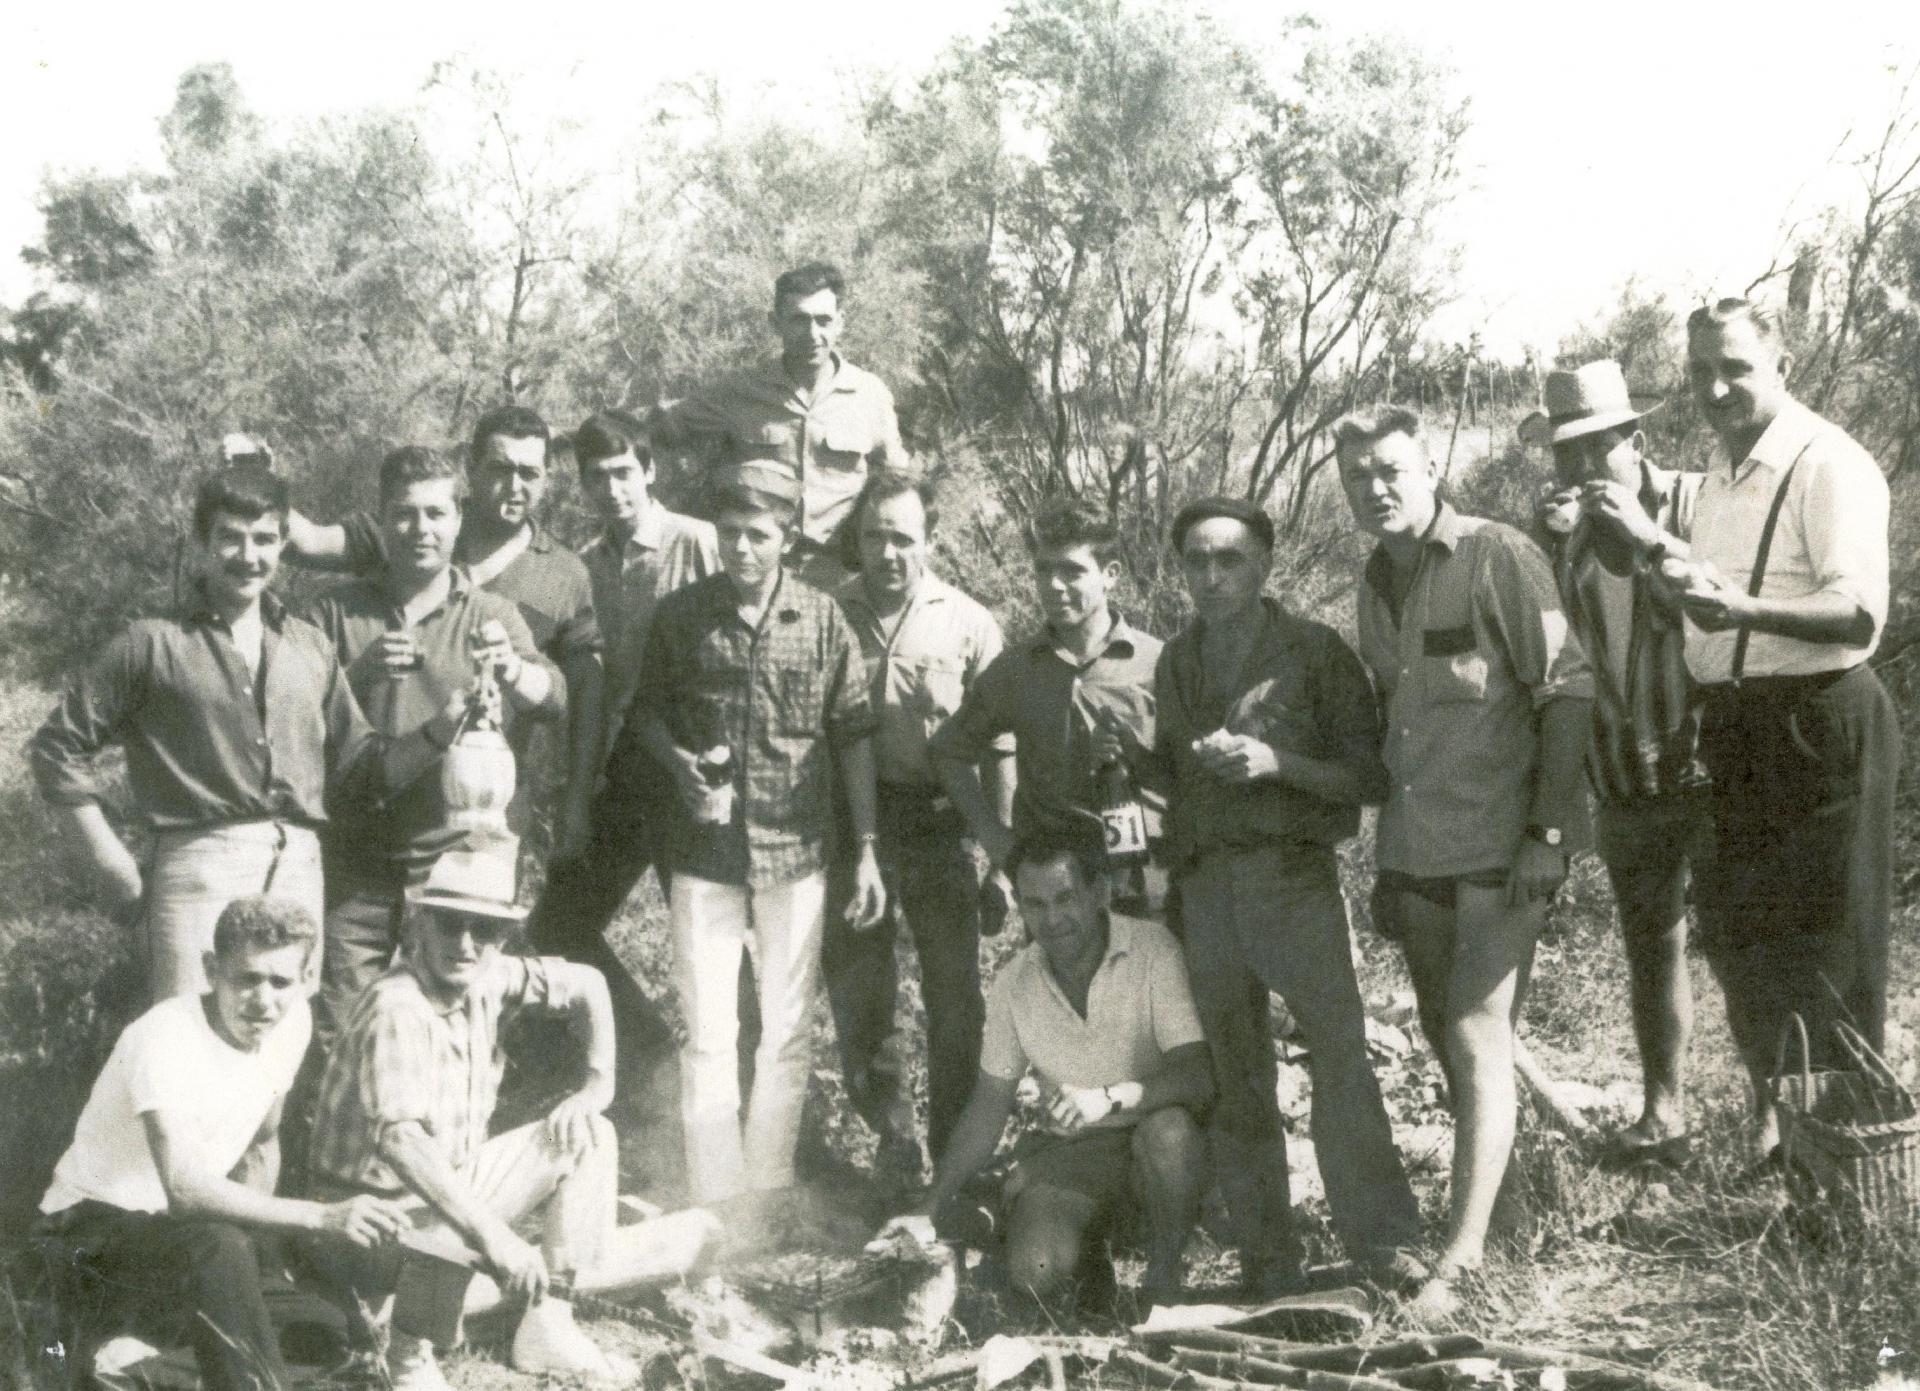 Menbres du club taurin en 1963